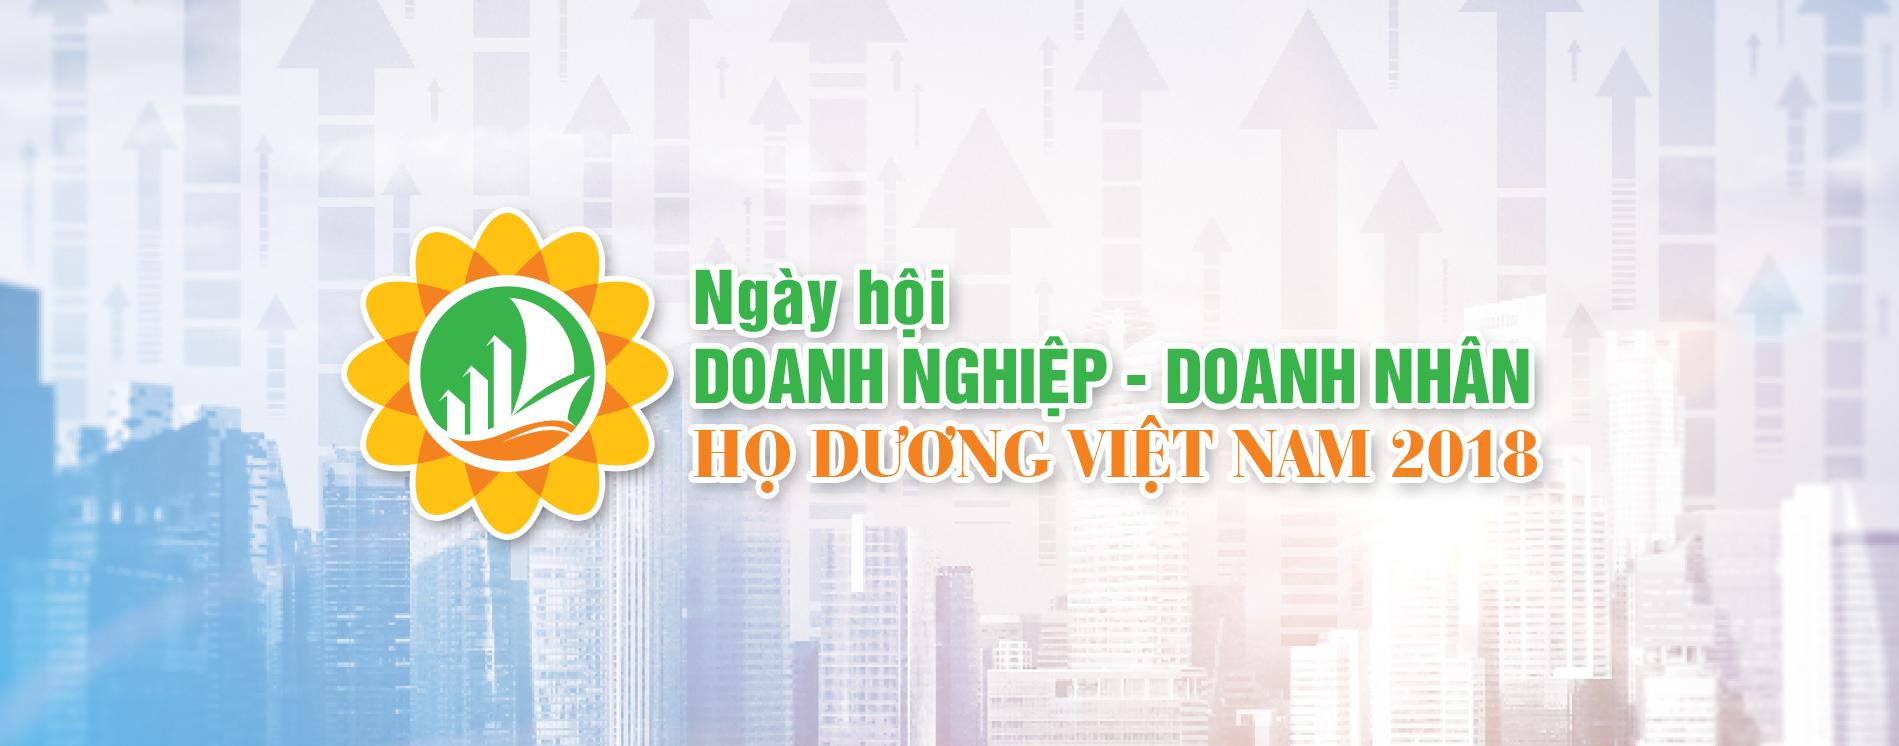 http://hoduongvietnam.com.vn/uploads/images/1537264374.png